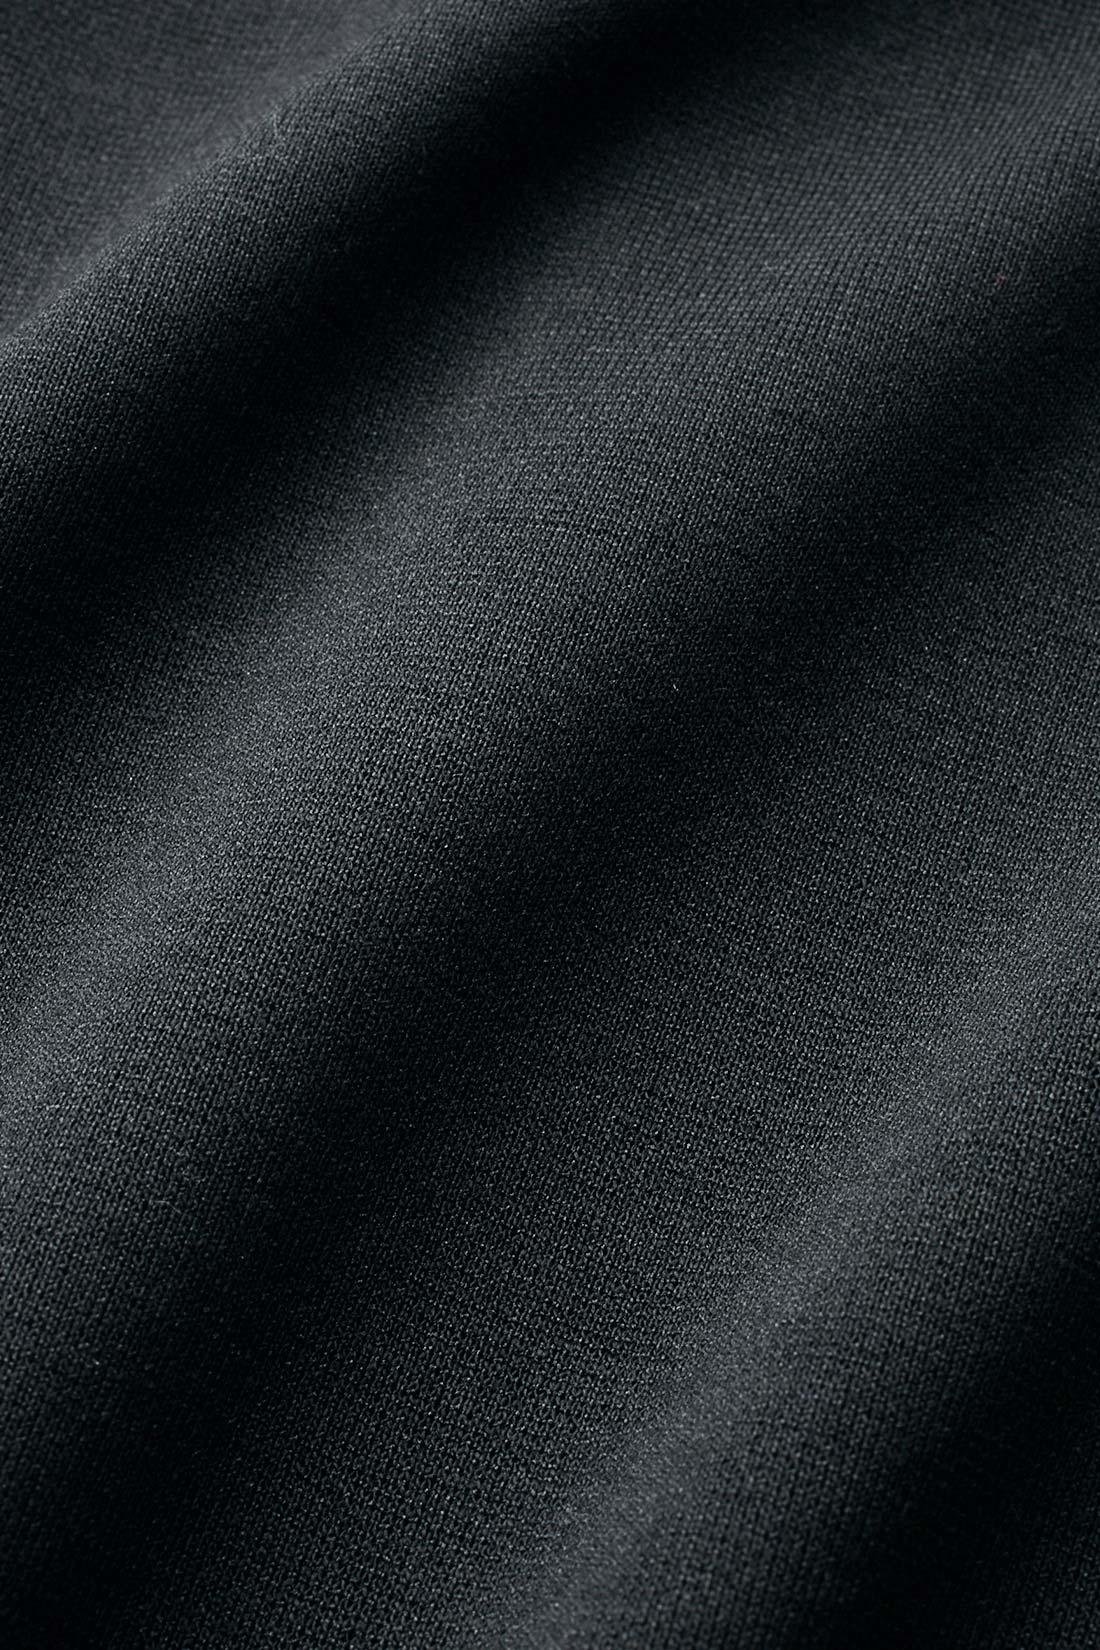 きれいな表面感の厚手カットソーは動きやすさも抜群。